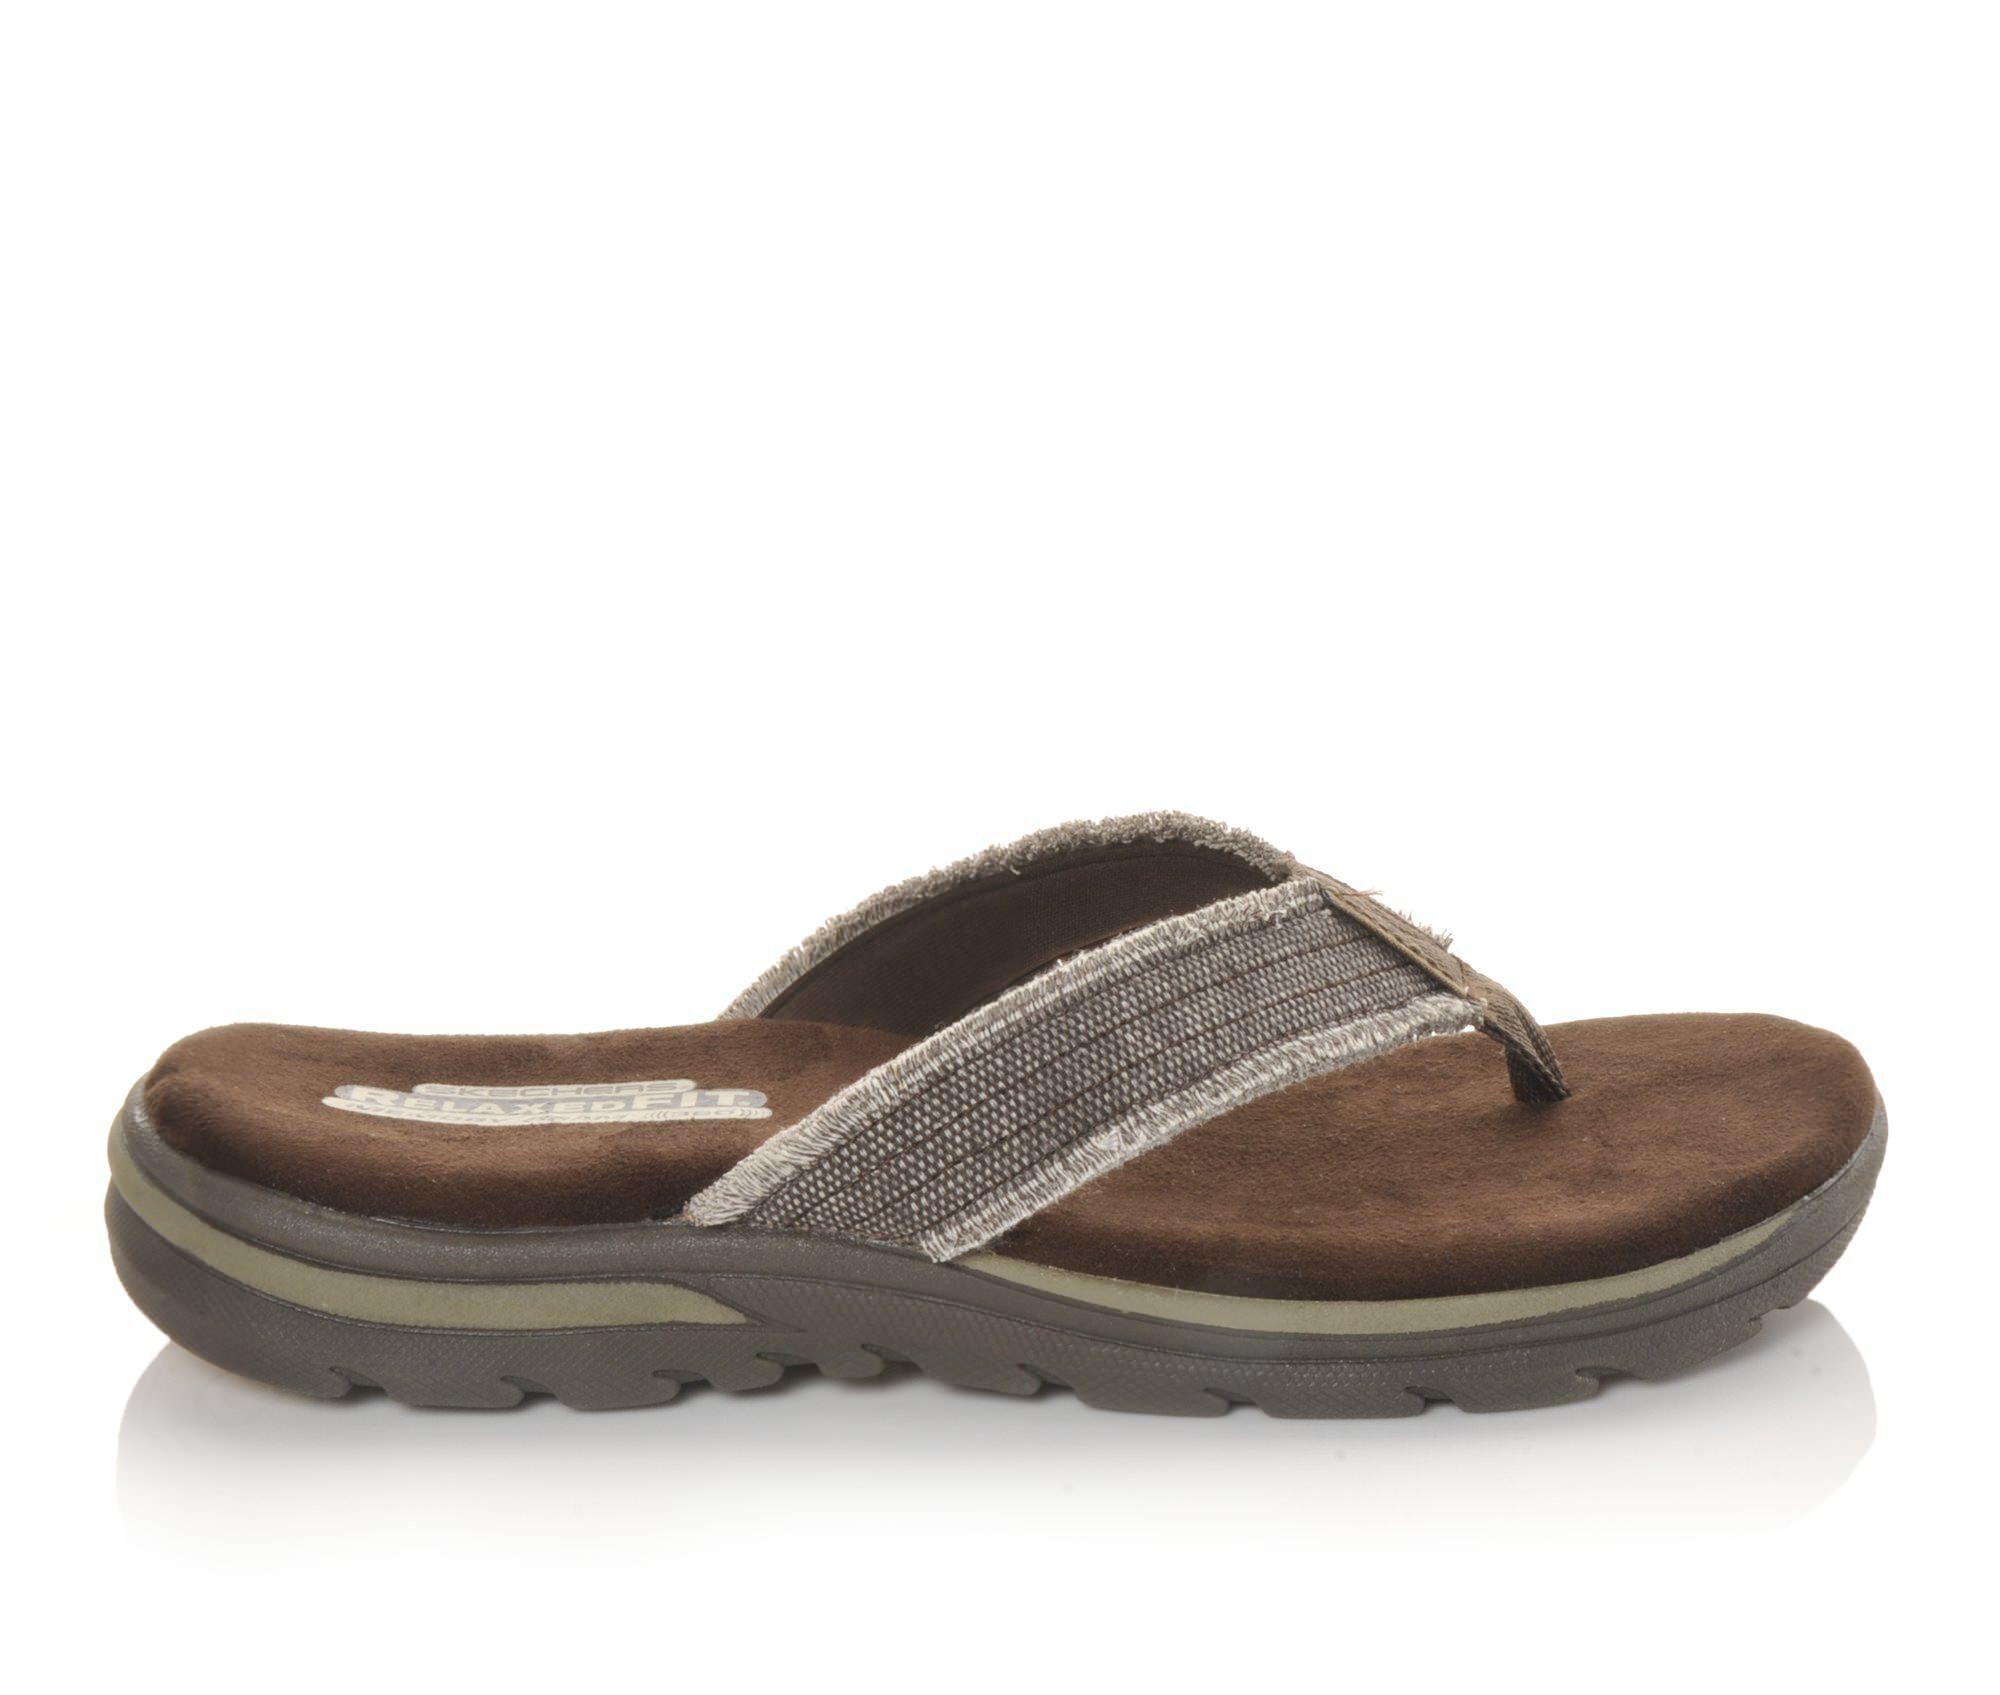 skechers flip flops mens